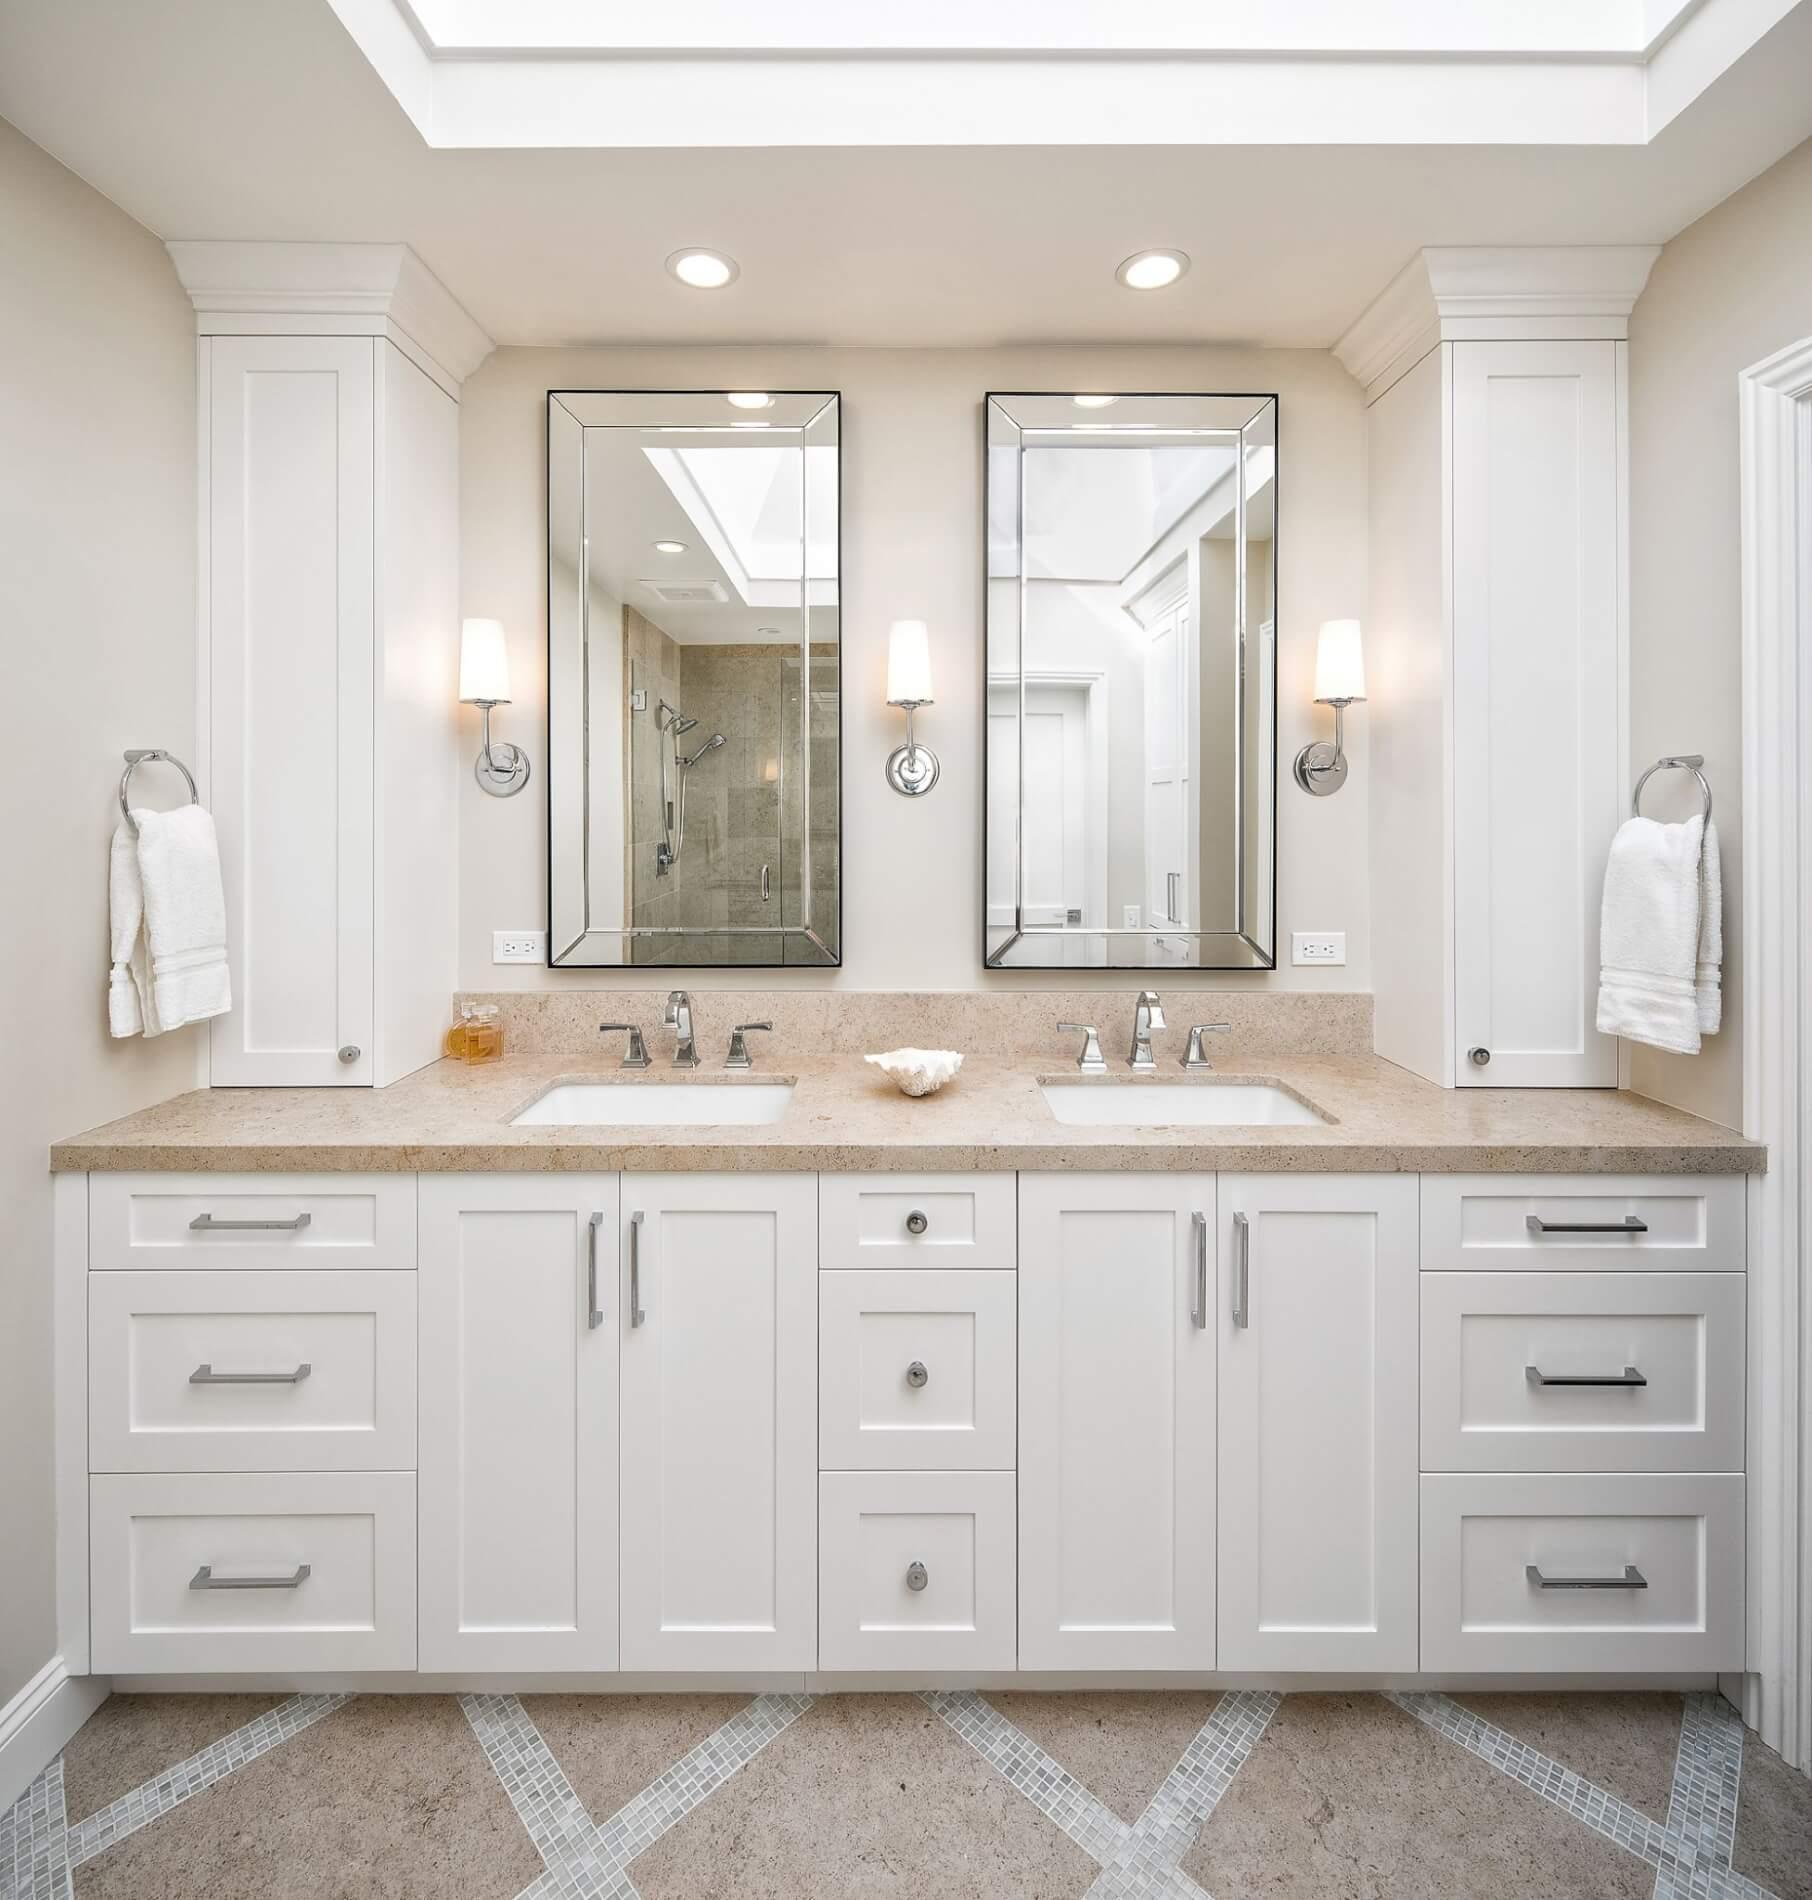 dual sink master bathroom vanity with lots of storage